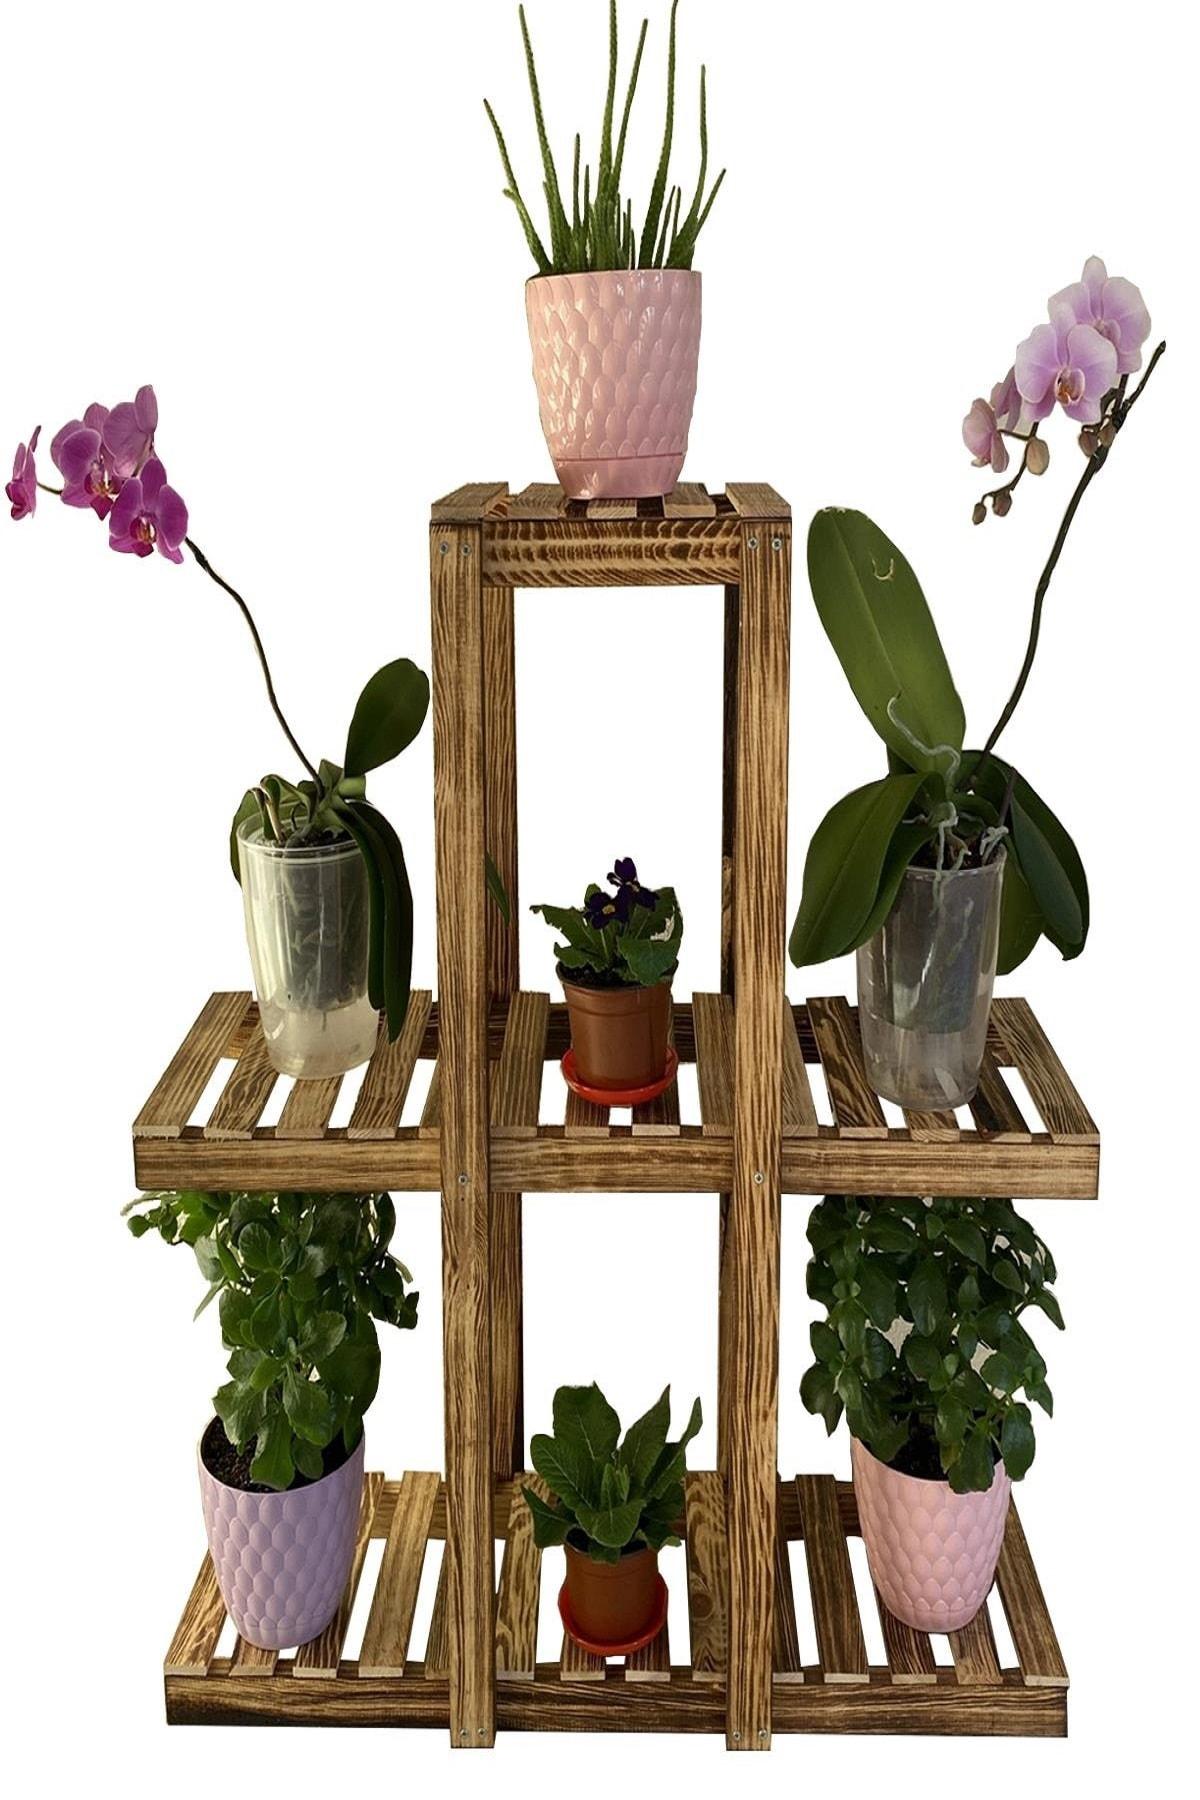 3 Katlı 7 Bölmeli Dekoratif Doğal Ahşap Çiçeklik Bahçe-balkon Saksı Standı